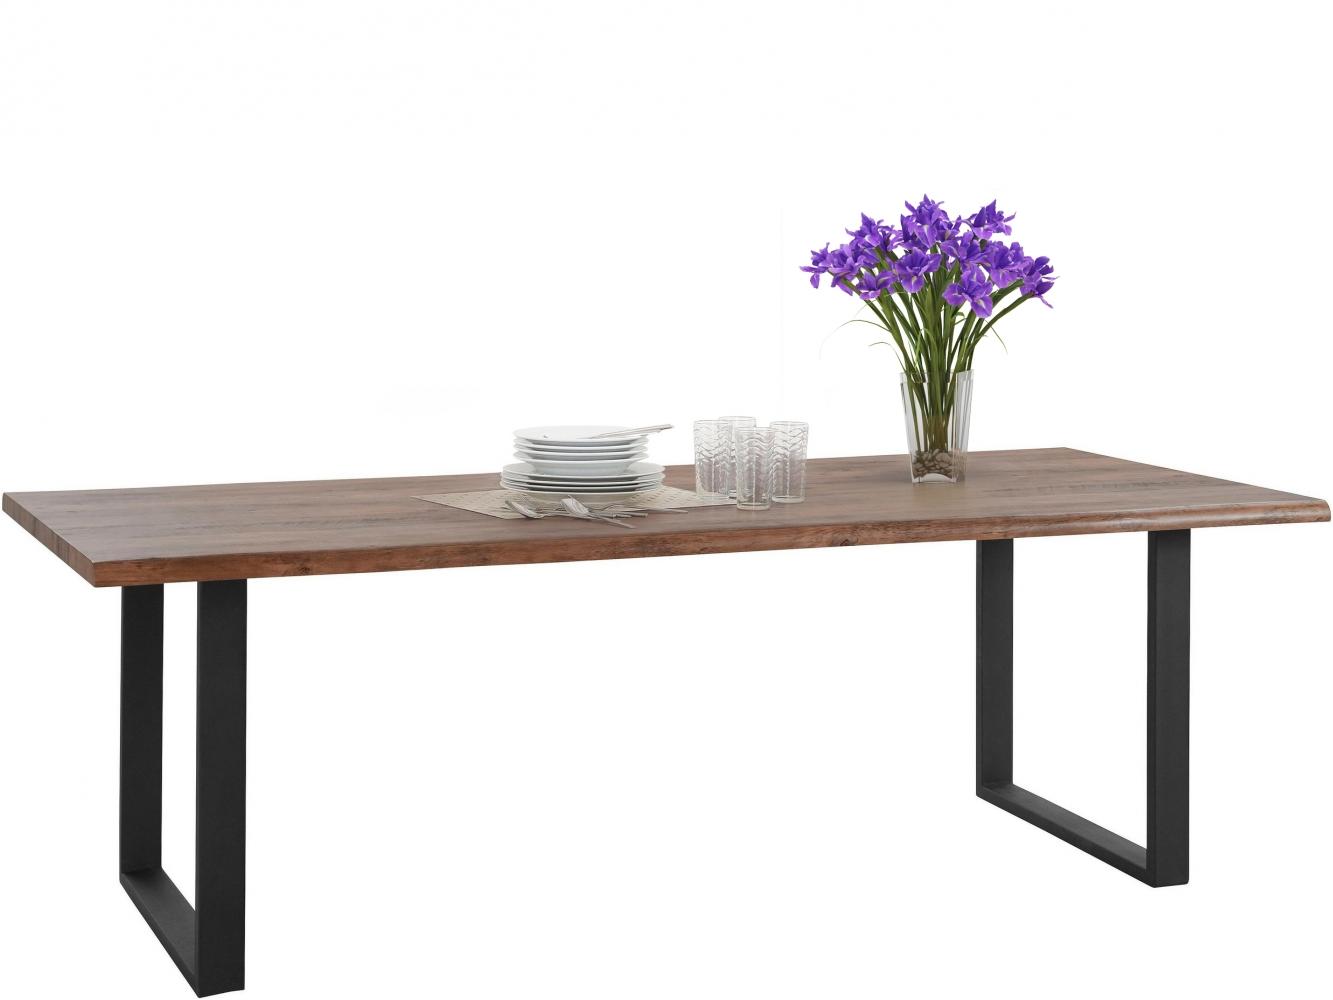 Jídelní stůl Sinc, 220 cm, hnědá / černá